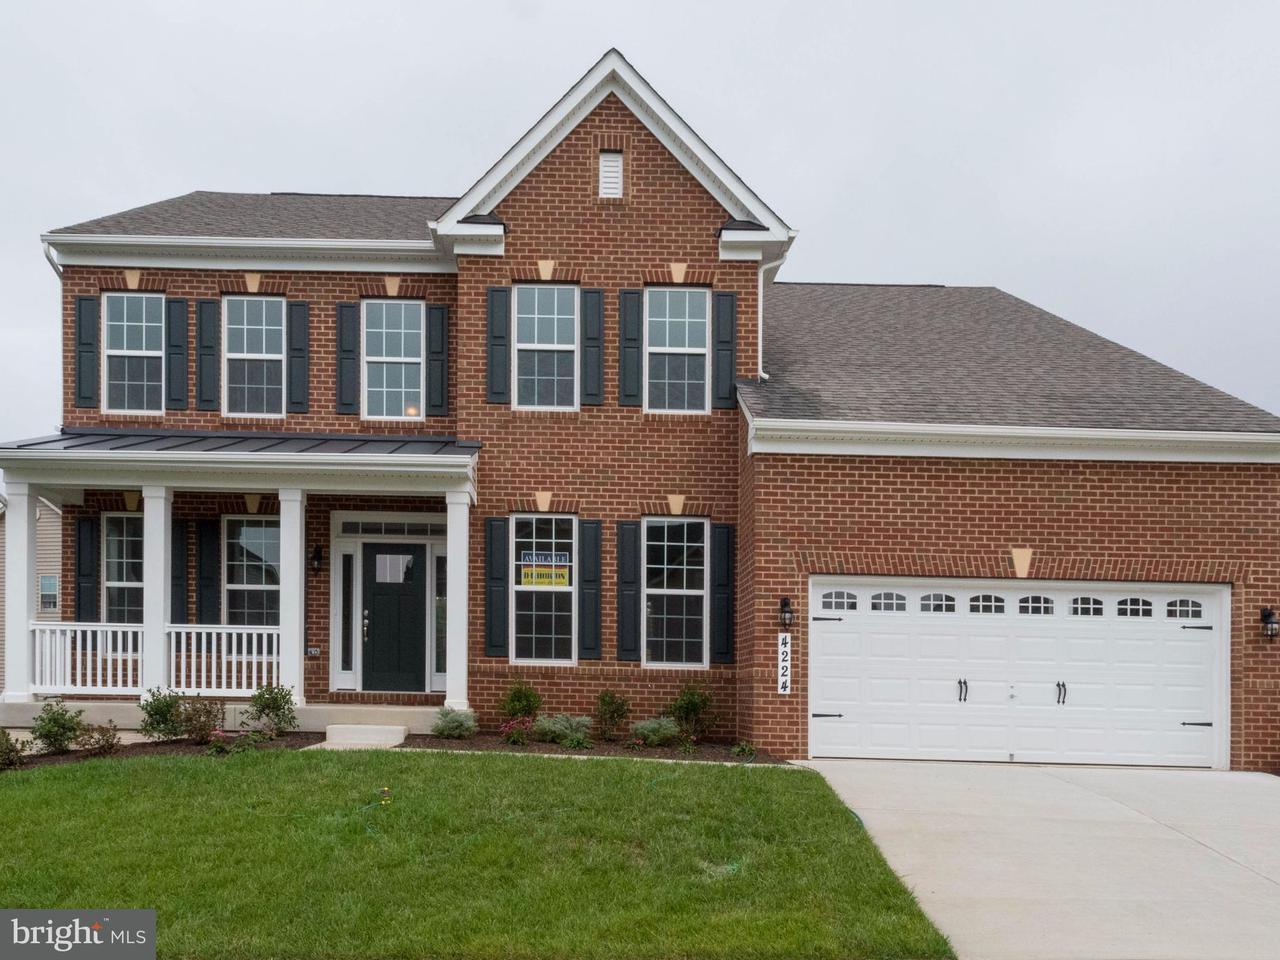 Casa Unifamiliar por un Venta en 4224 PERRY HALL Road 4224 PERRY HALL Road Perry Hall, Maryland 21128 Estados Unidos